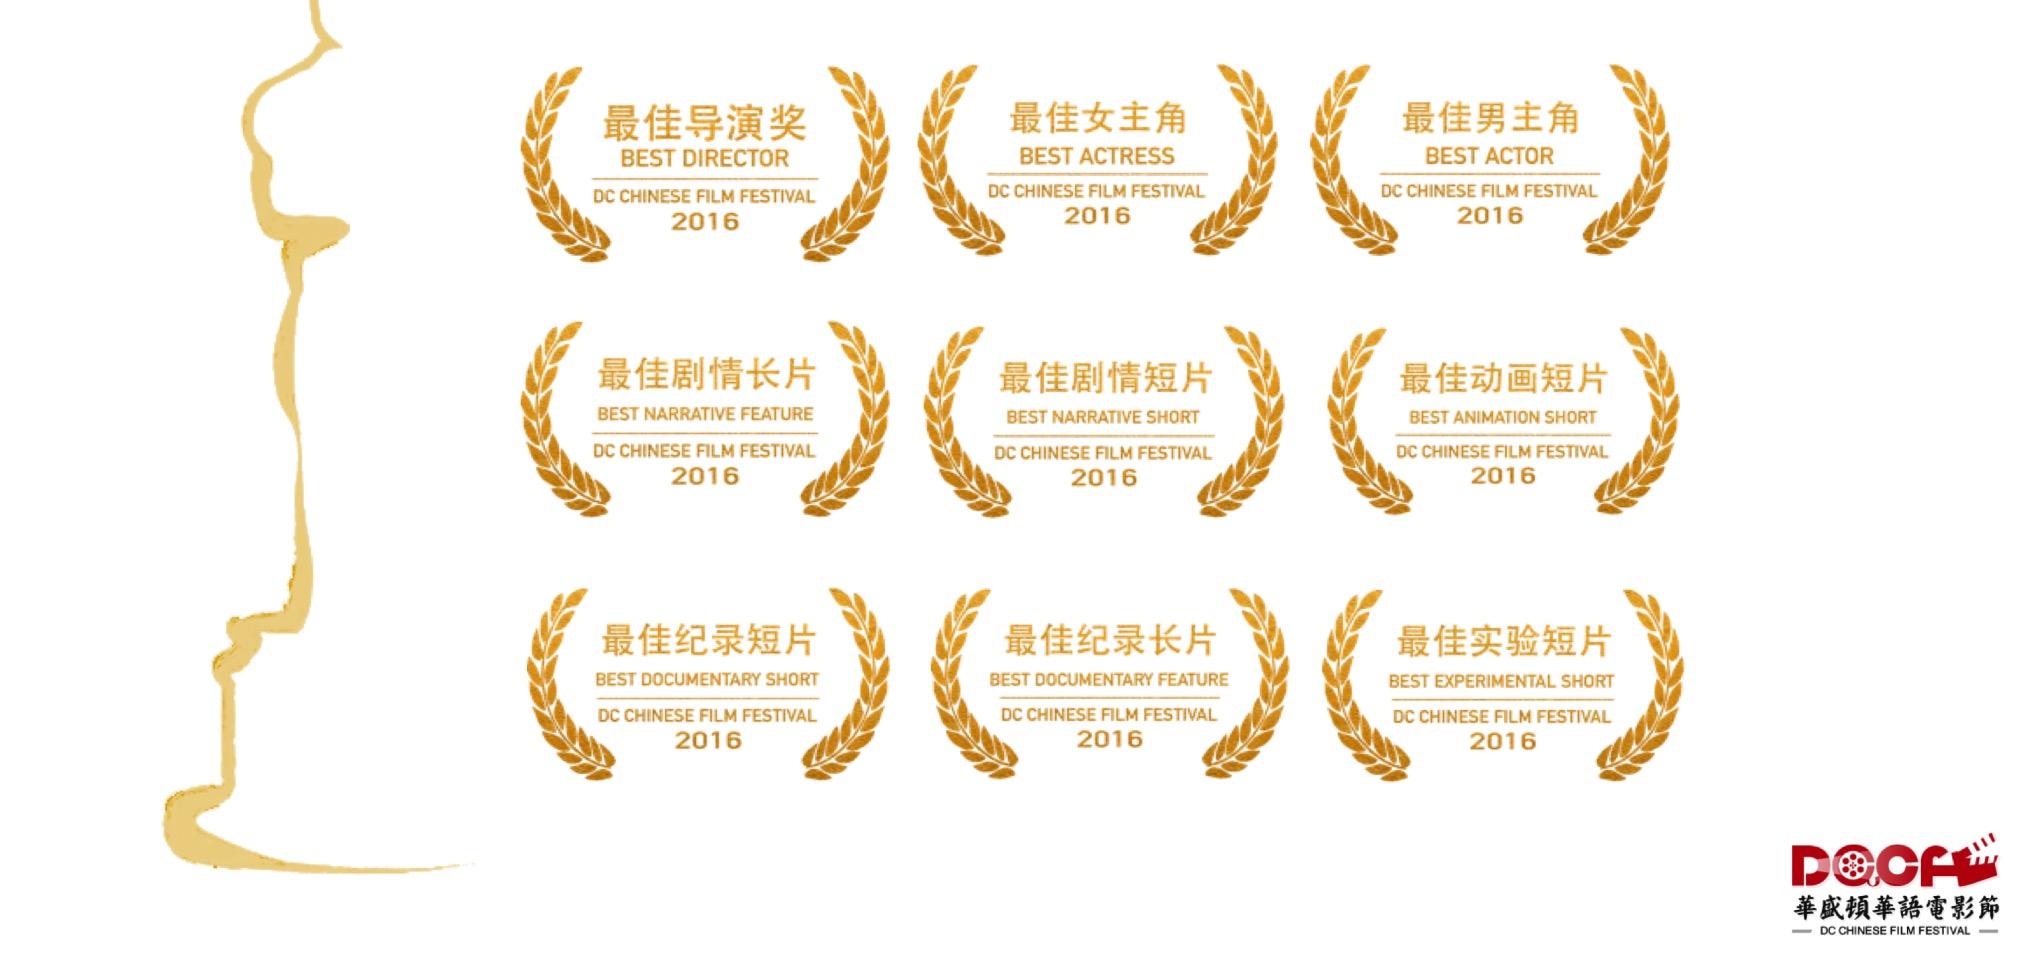 第三届华盛顿华语电影节拟设立奖项 (1)